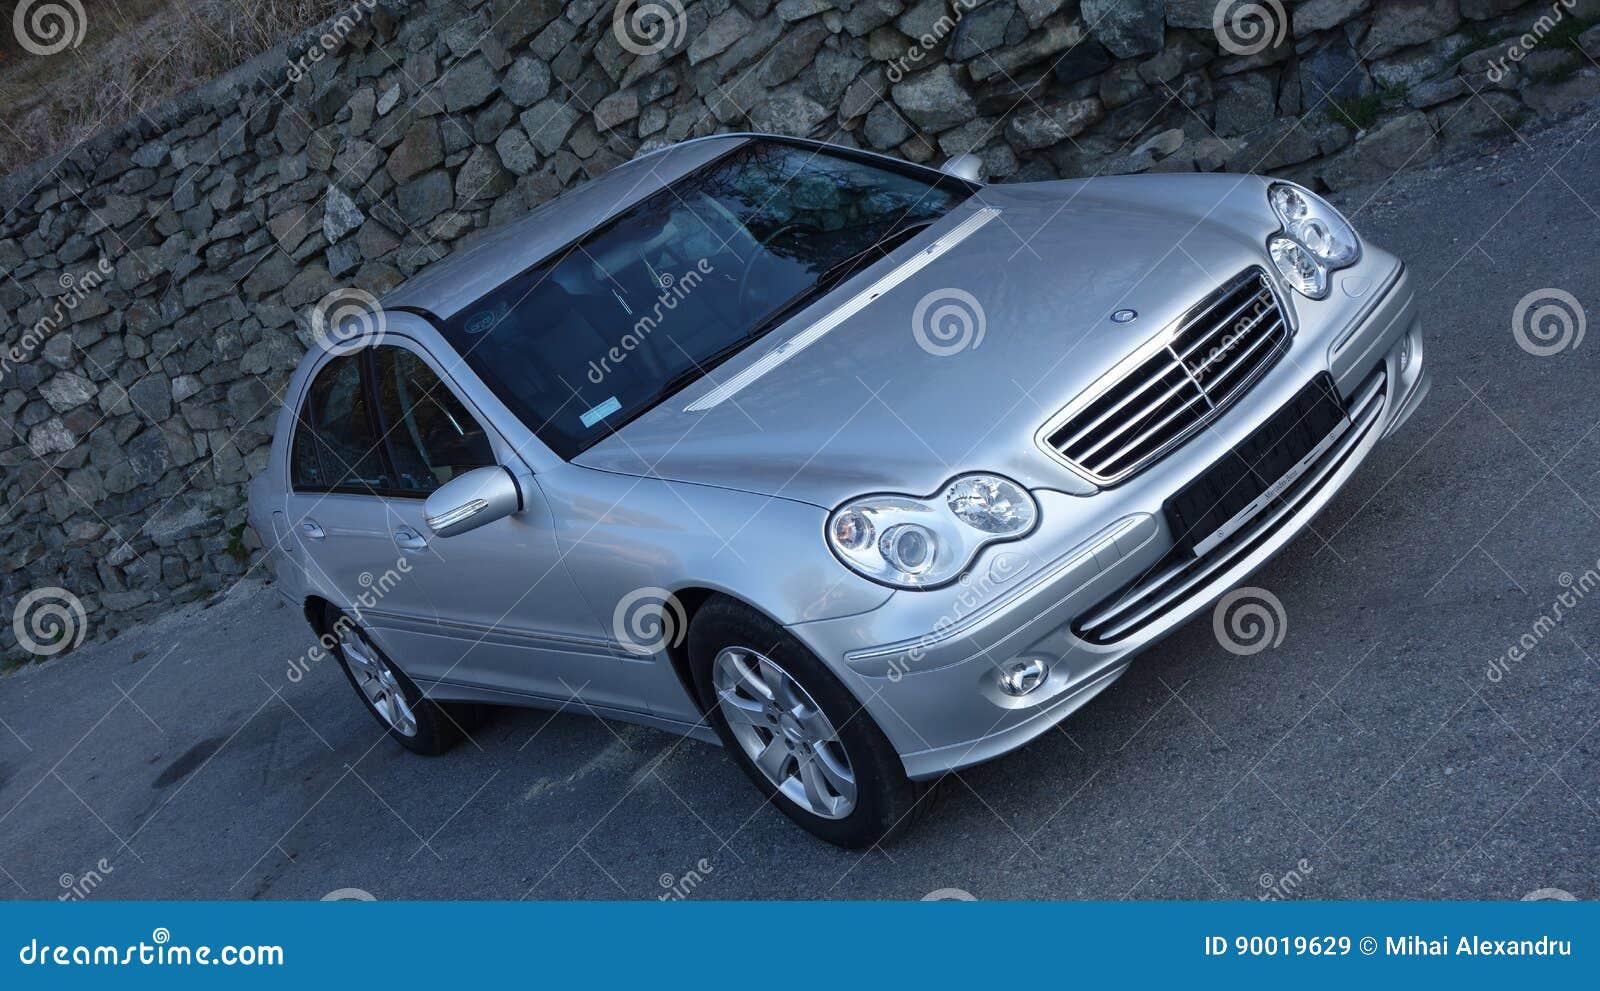 Klausenburg Napoca/Rumänien 31. März 2017: Mercedes Benz W203 - Jahr 2005, Avantgardeausrüstung, silberne metallische Farbe nahe